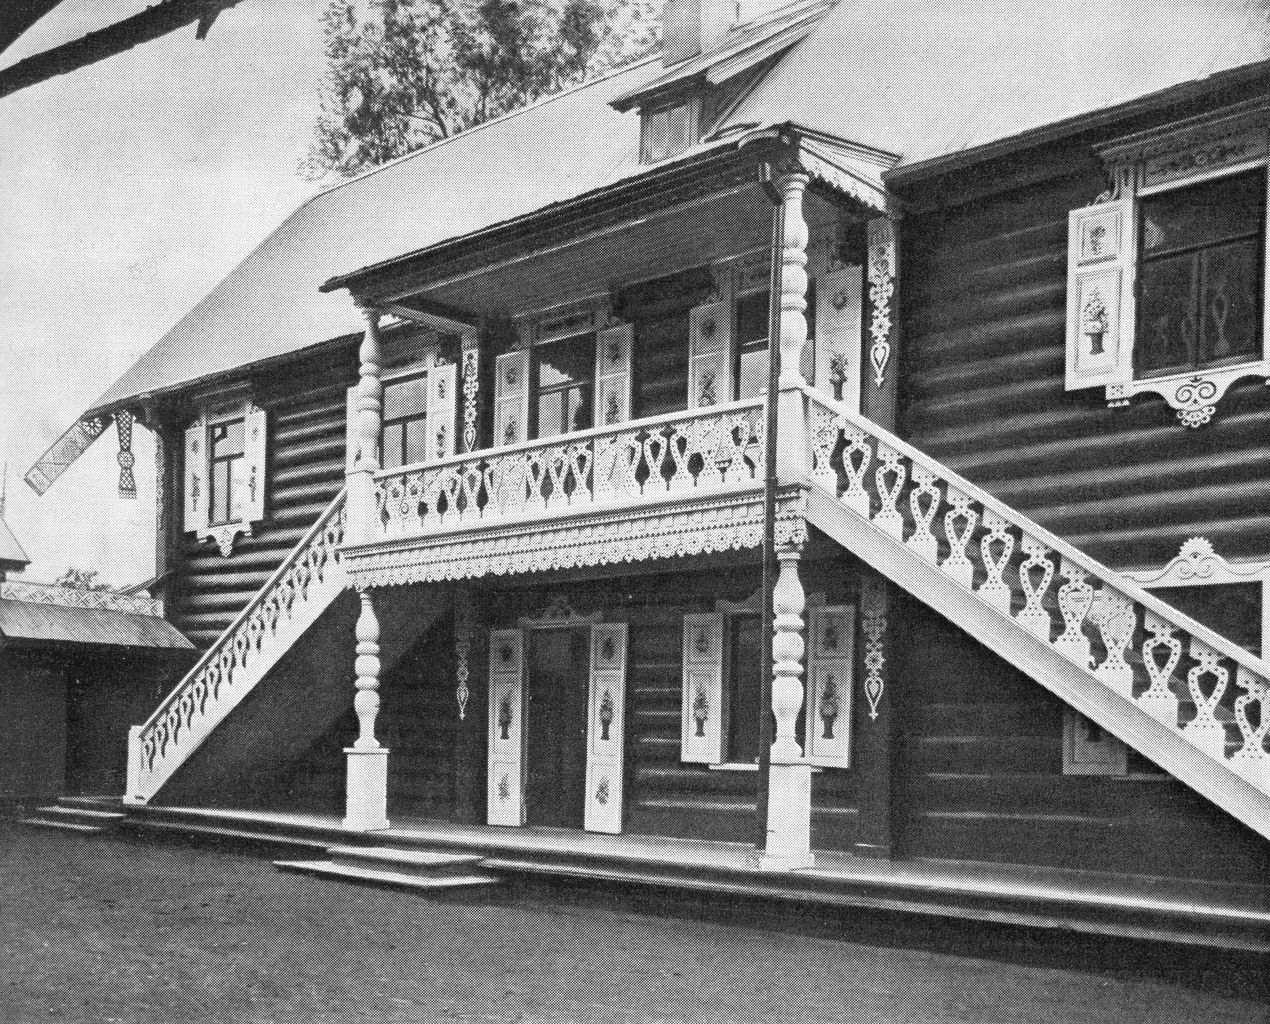 Никольский сельский домик в Луговом парке. Дворовый фасад